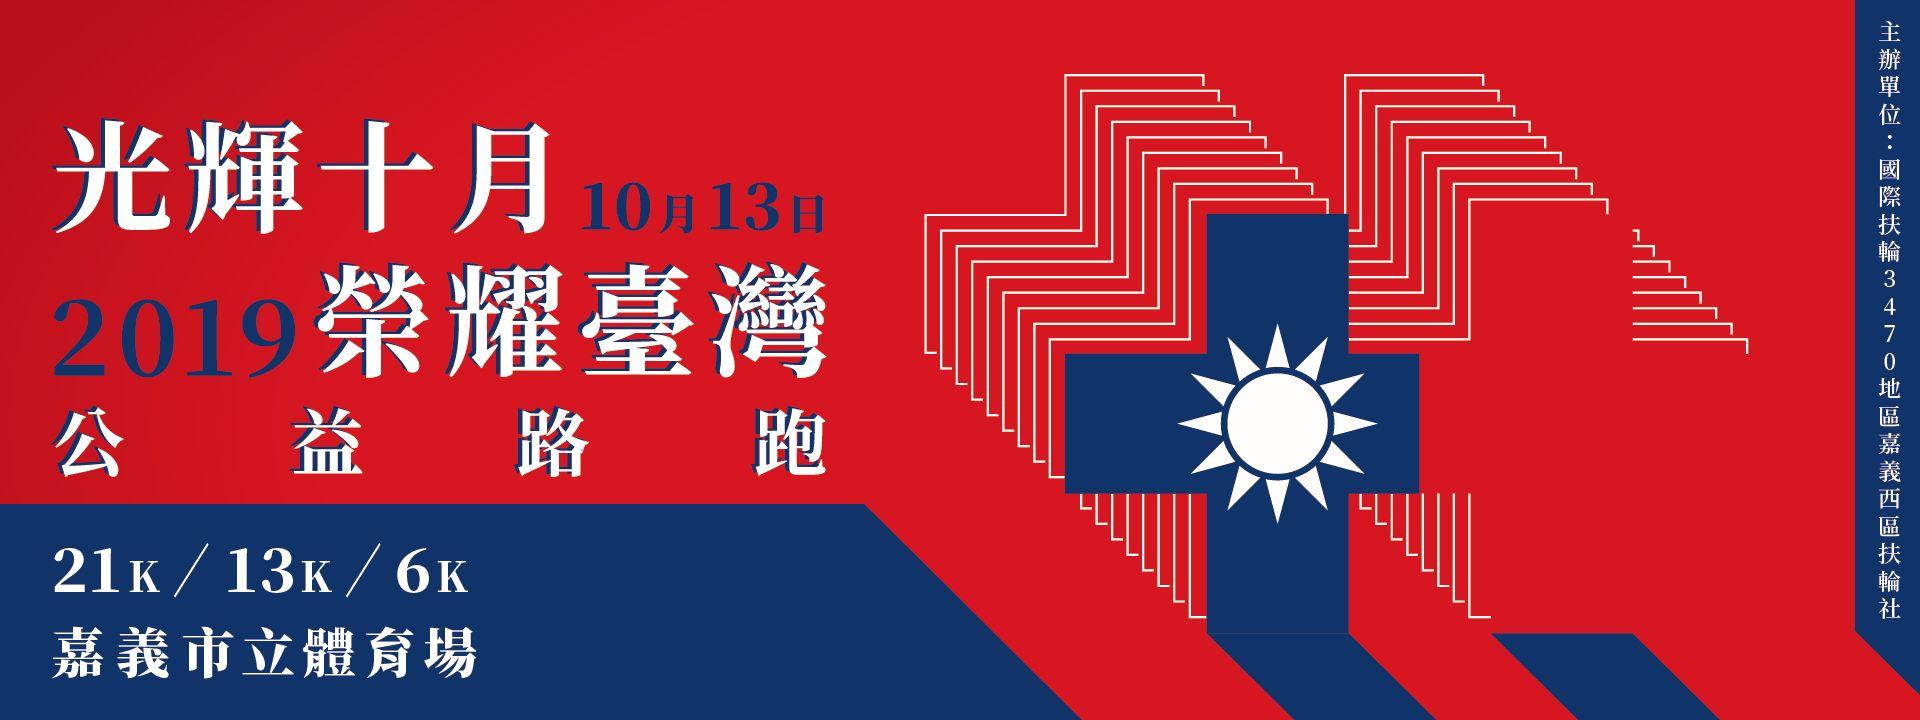 光輝十月 榮耀台灣公益路跑